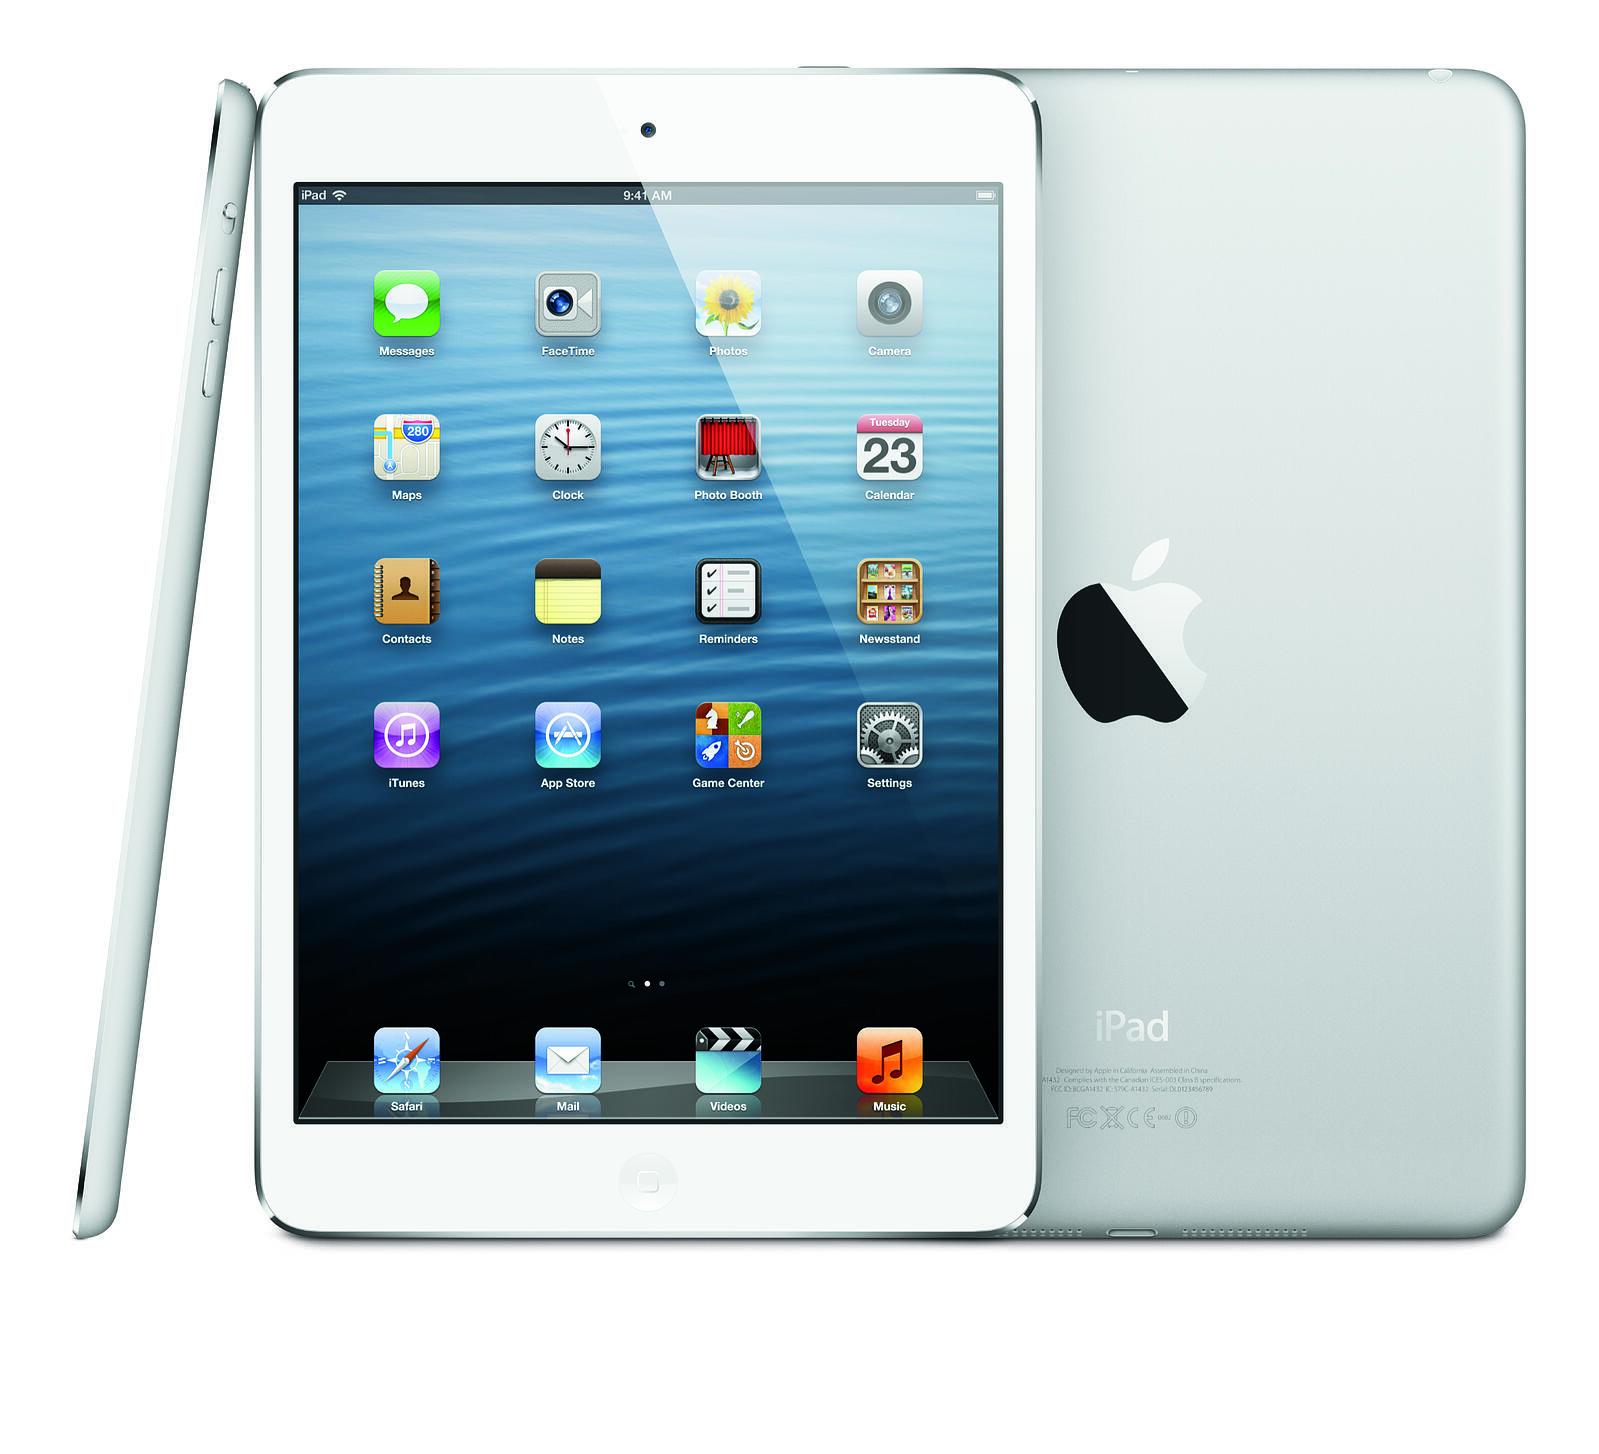 iPad_mini_PF_PB_PS_Wht_iOS6_PRINT